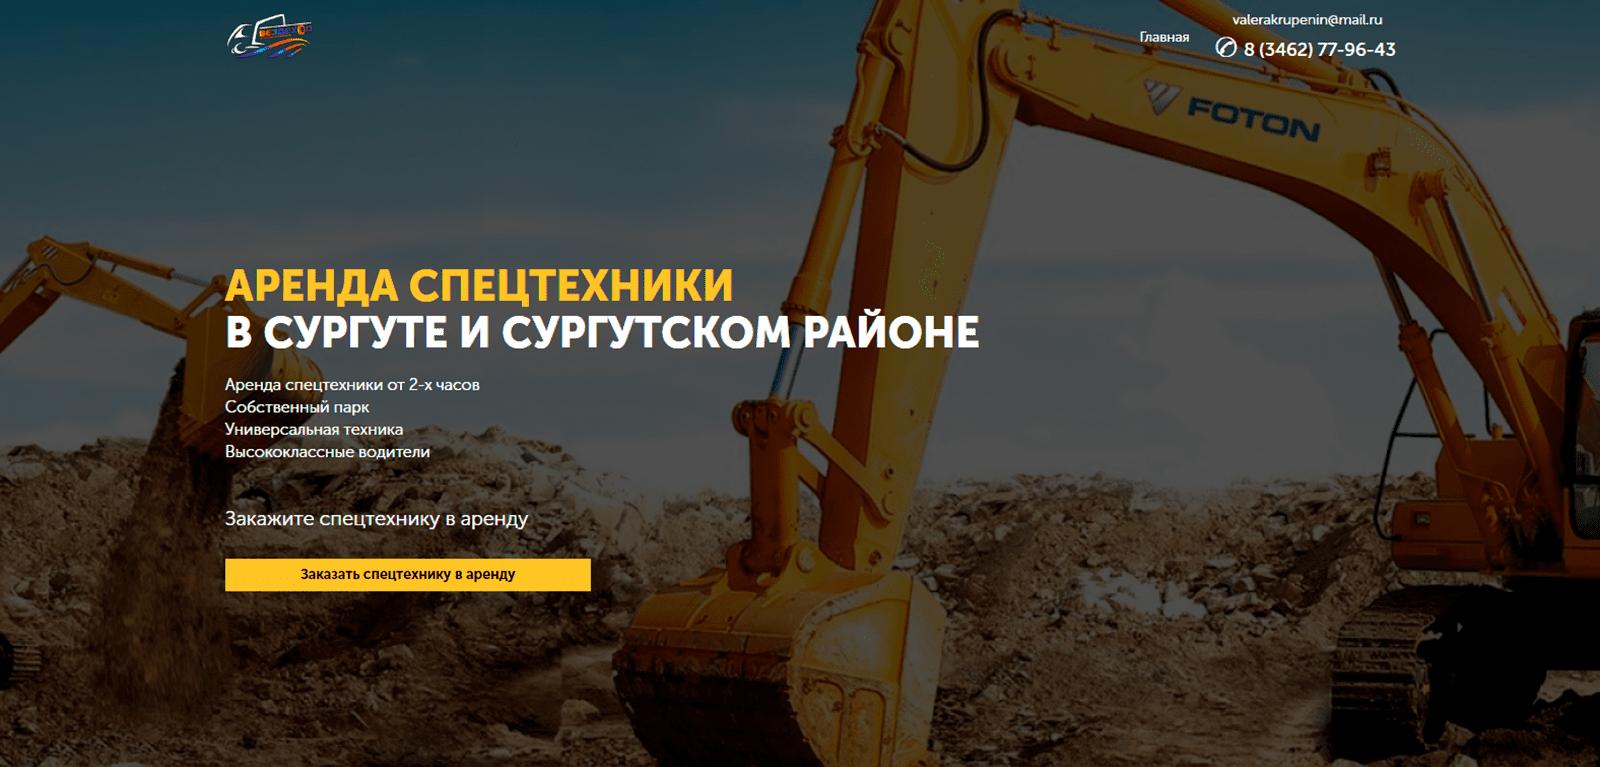 Аренда спецтехники в СургутеСтоимость заявки:201 руб.Конверсия:28%